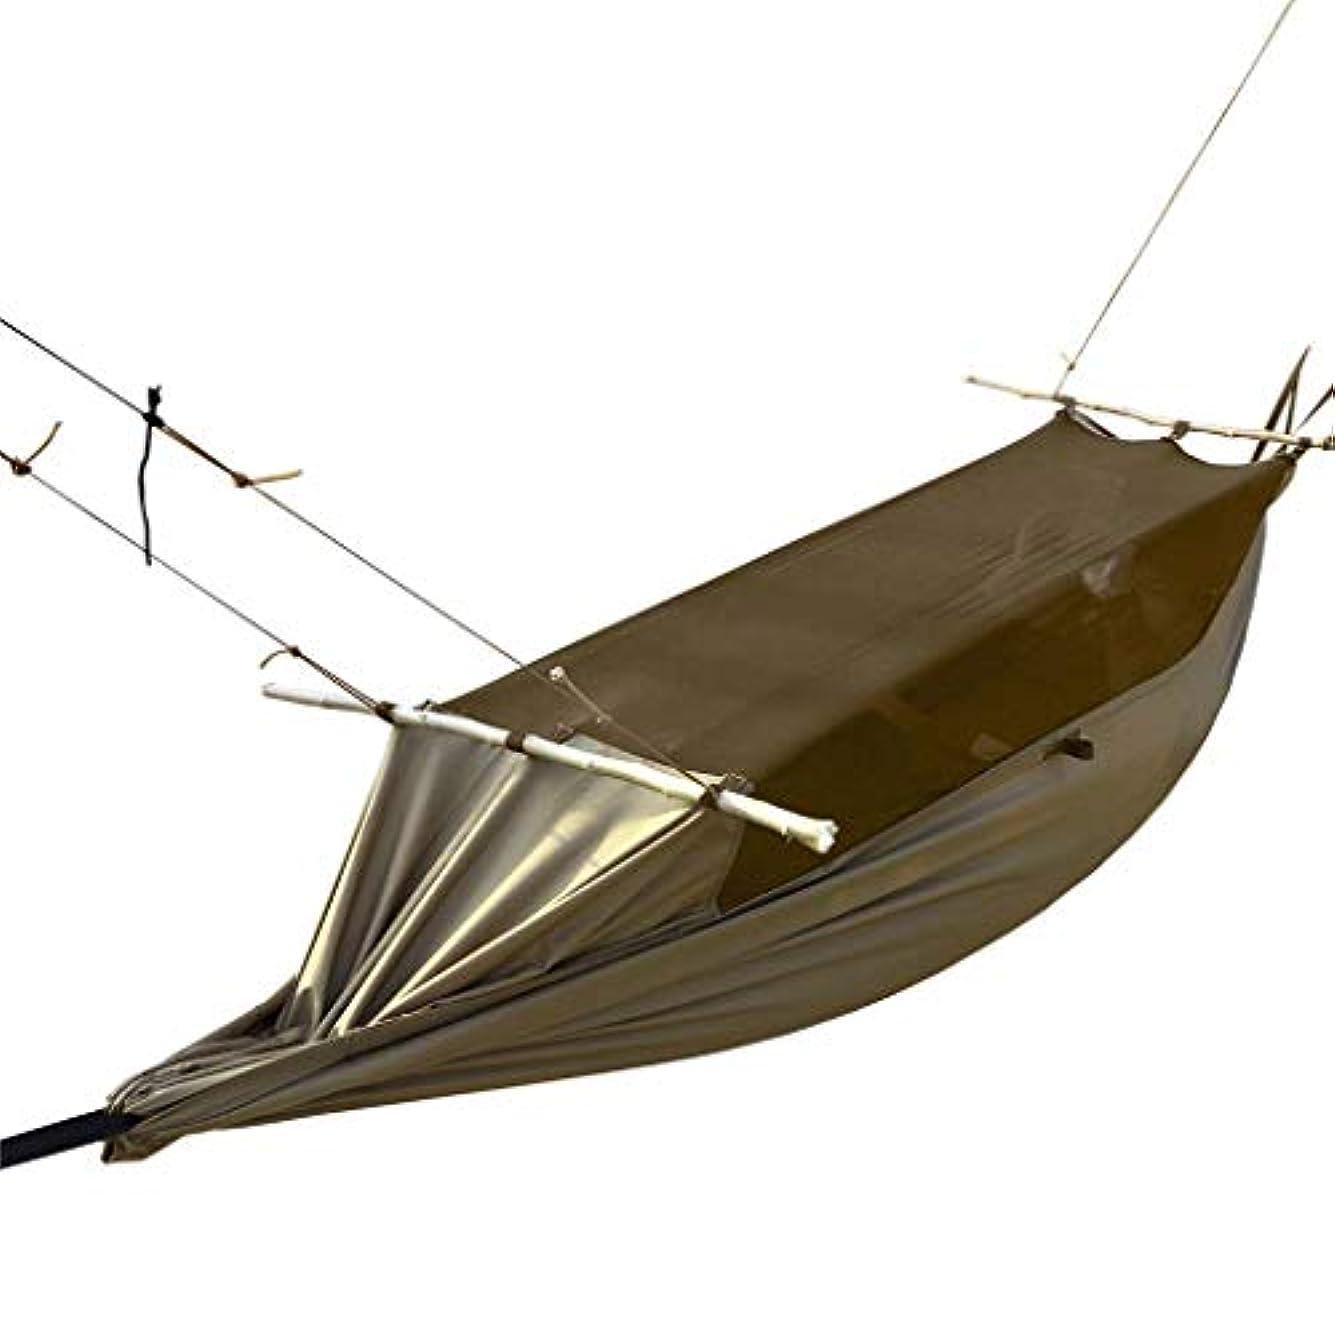 れる意味する理由キャンプ ハンモック,1 ハンモック 防蚊 ポータブル 通気性 メッシュクロス付き 持続可能です 屋外 旅行 ハイキング 冒険